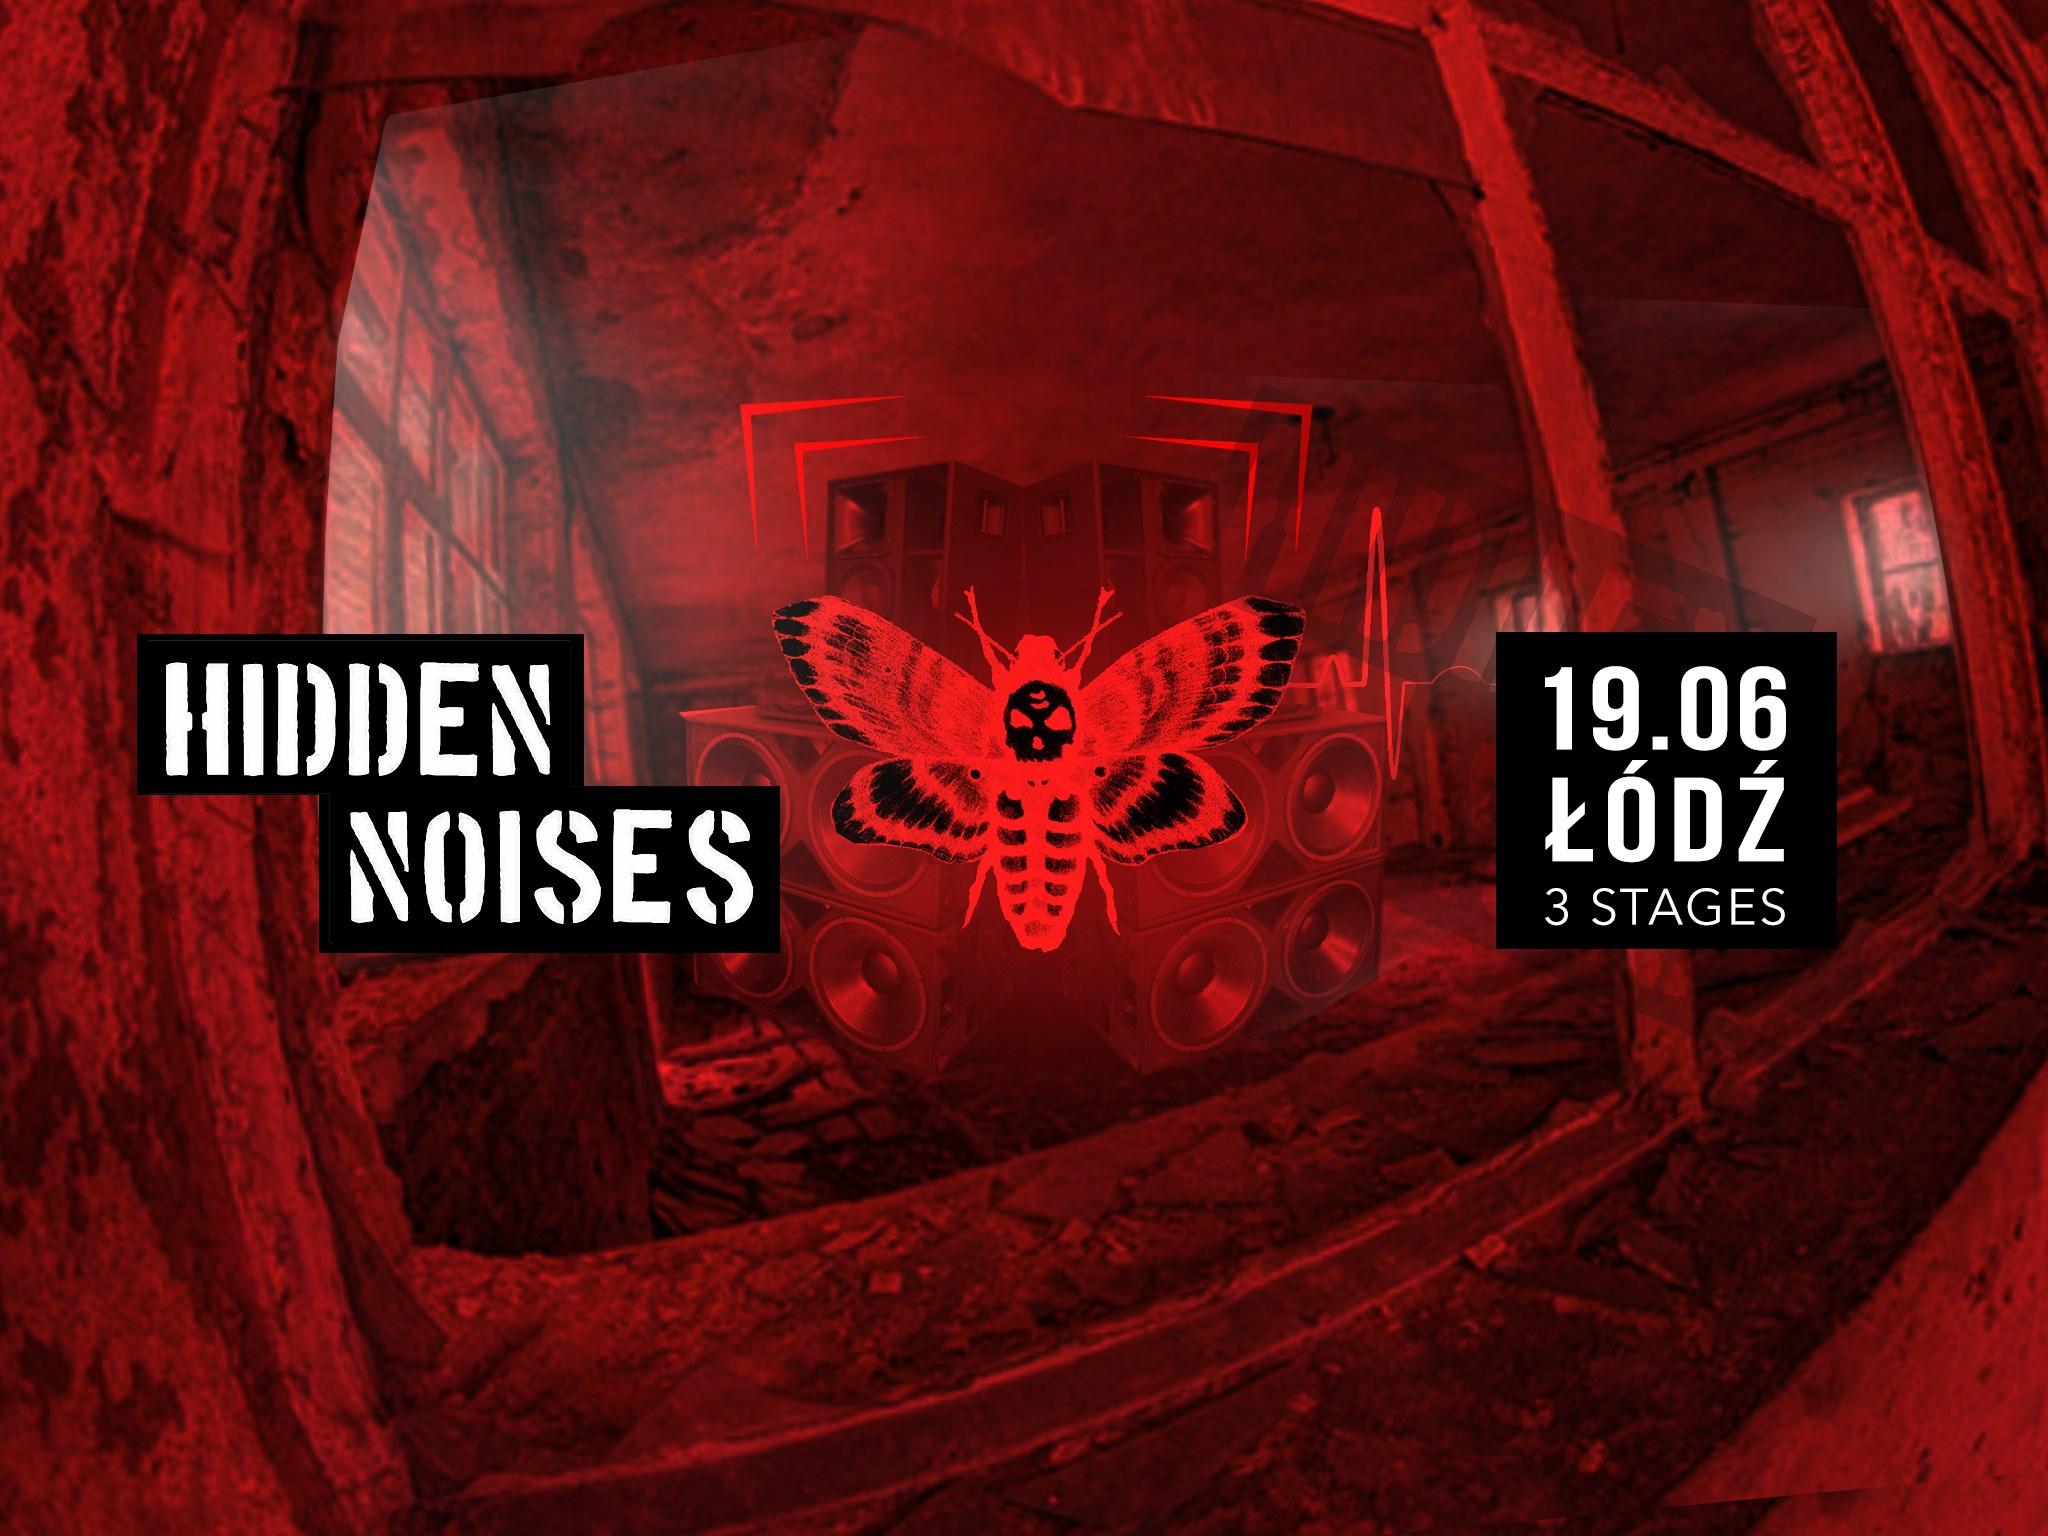 hidden noises lodz